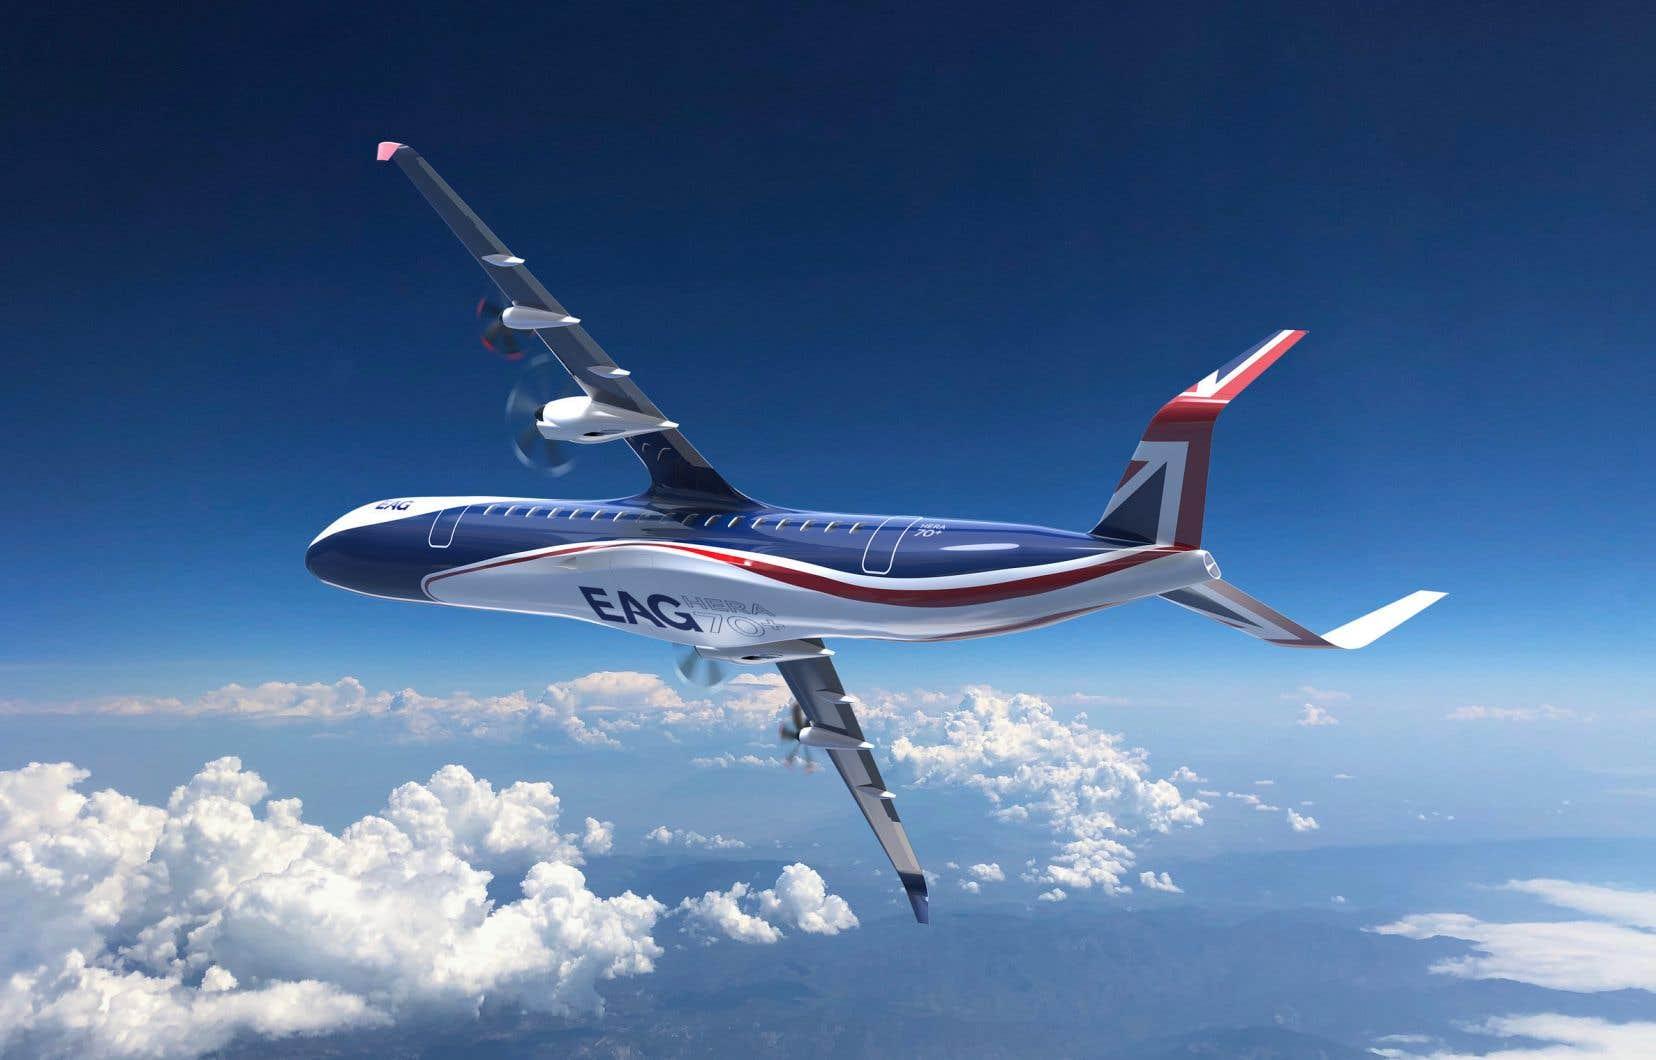 Un rendu 3D du concept d'avion hybride. Celui-ci pourrait transporter plus de 70 personnes, selon le cabinet d'ingénierie EAG.